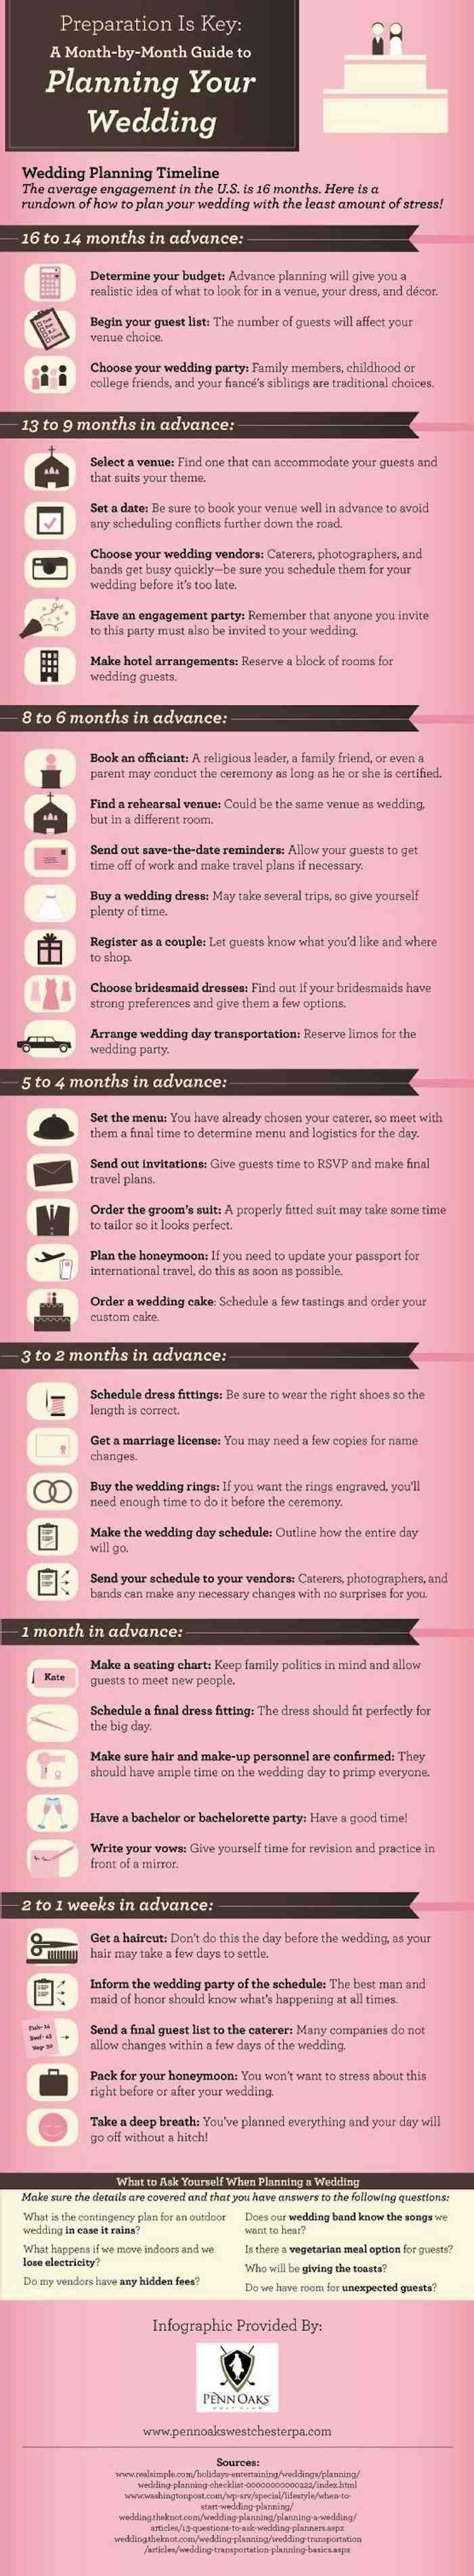 planning a wedding checklists